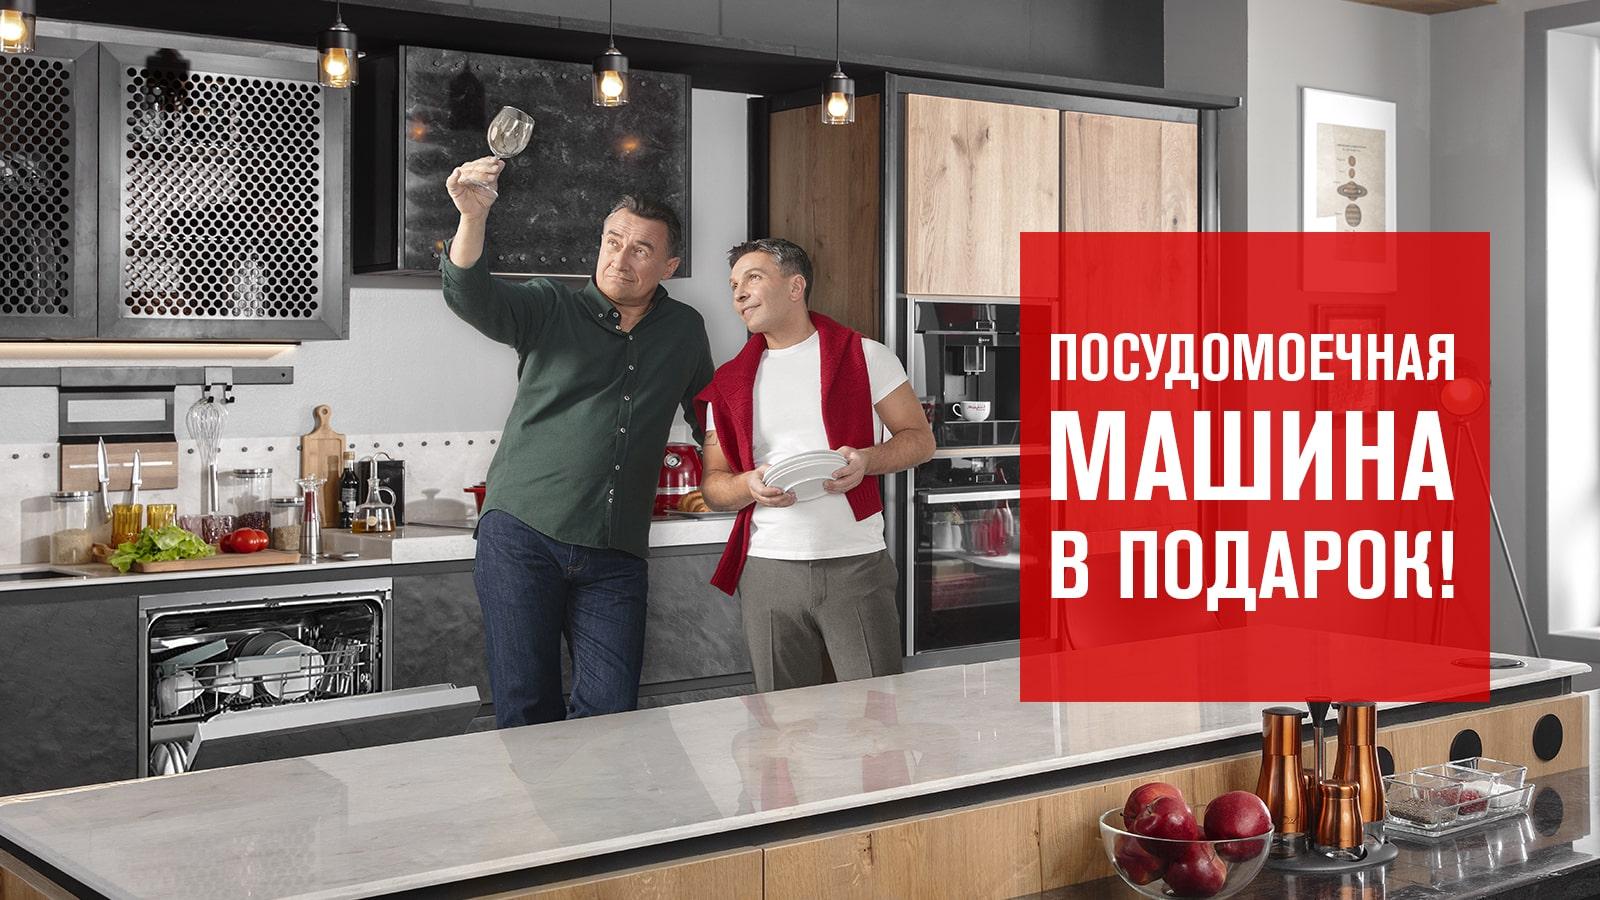 Посудомоечная машина вподарок